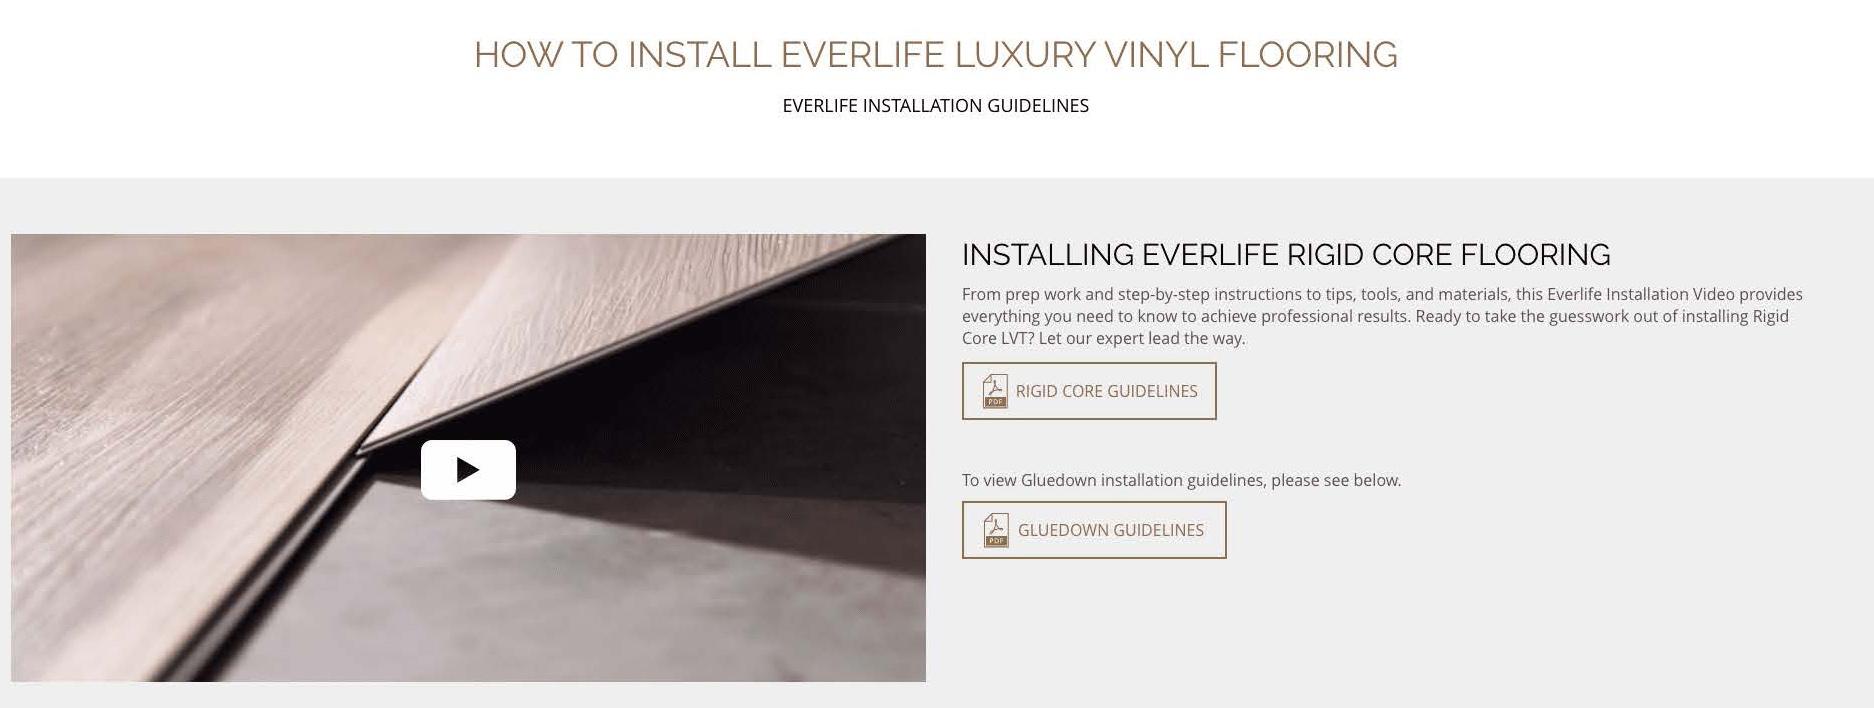 Everlife vinyl flooring installation video